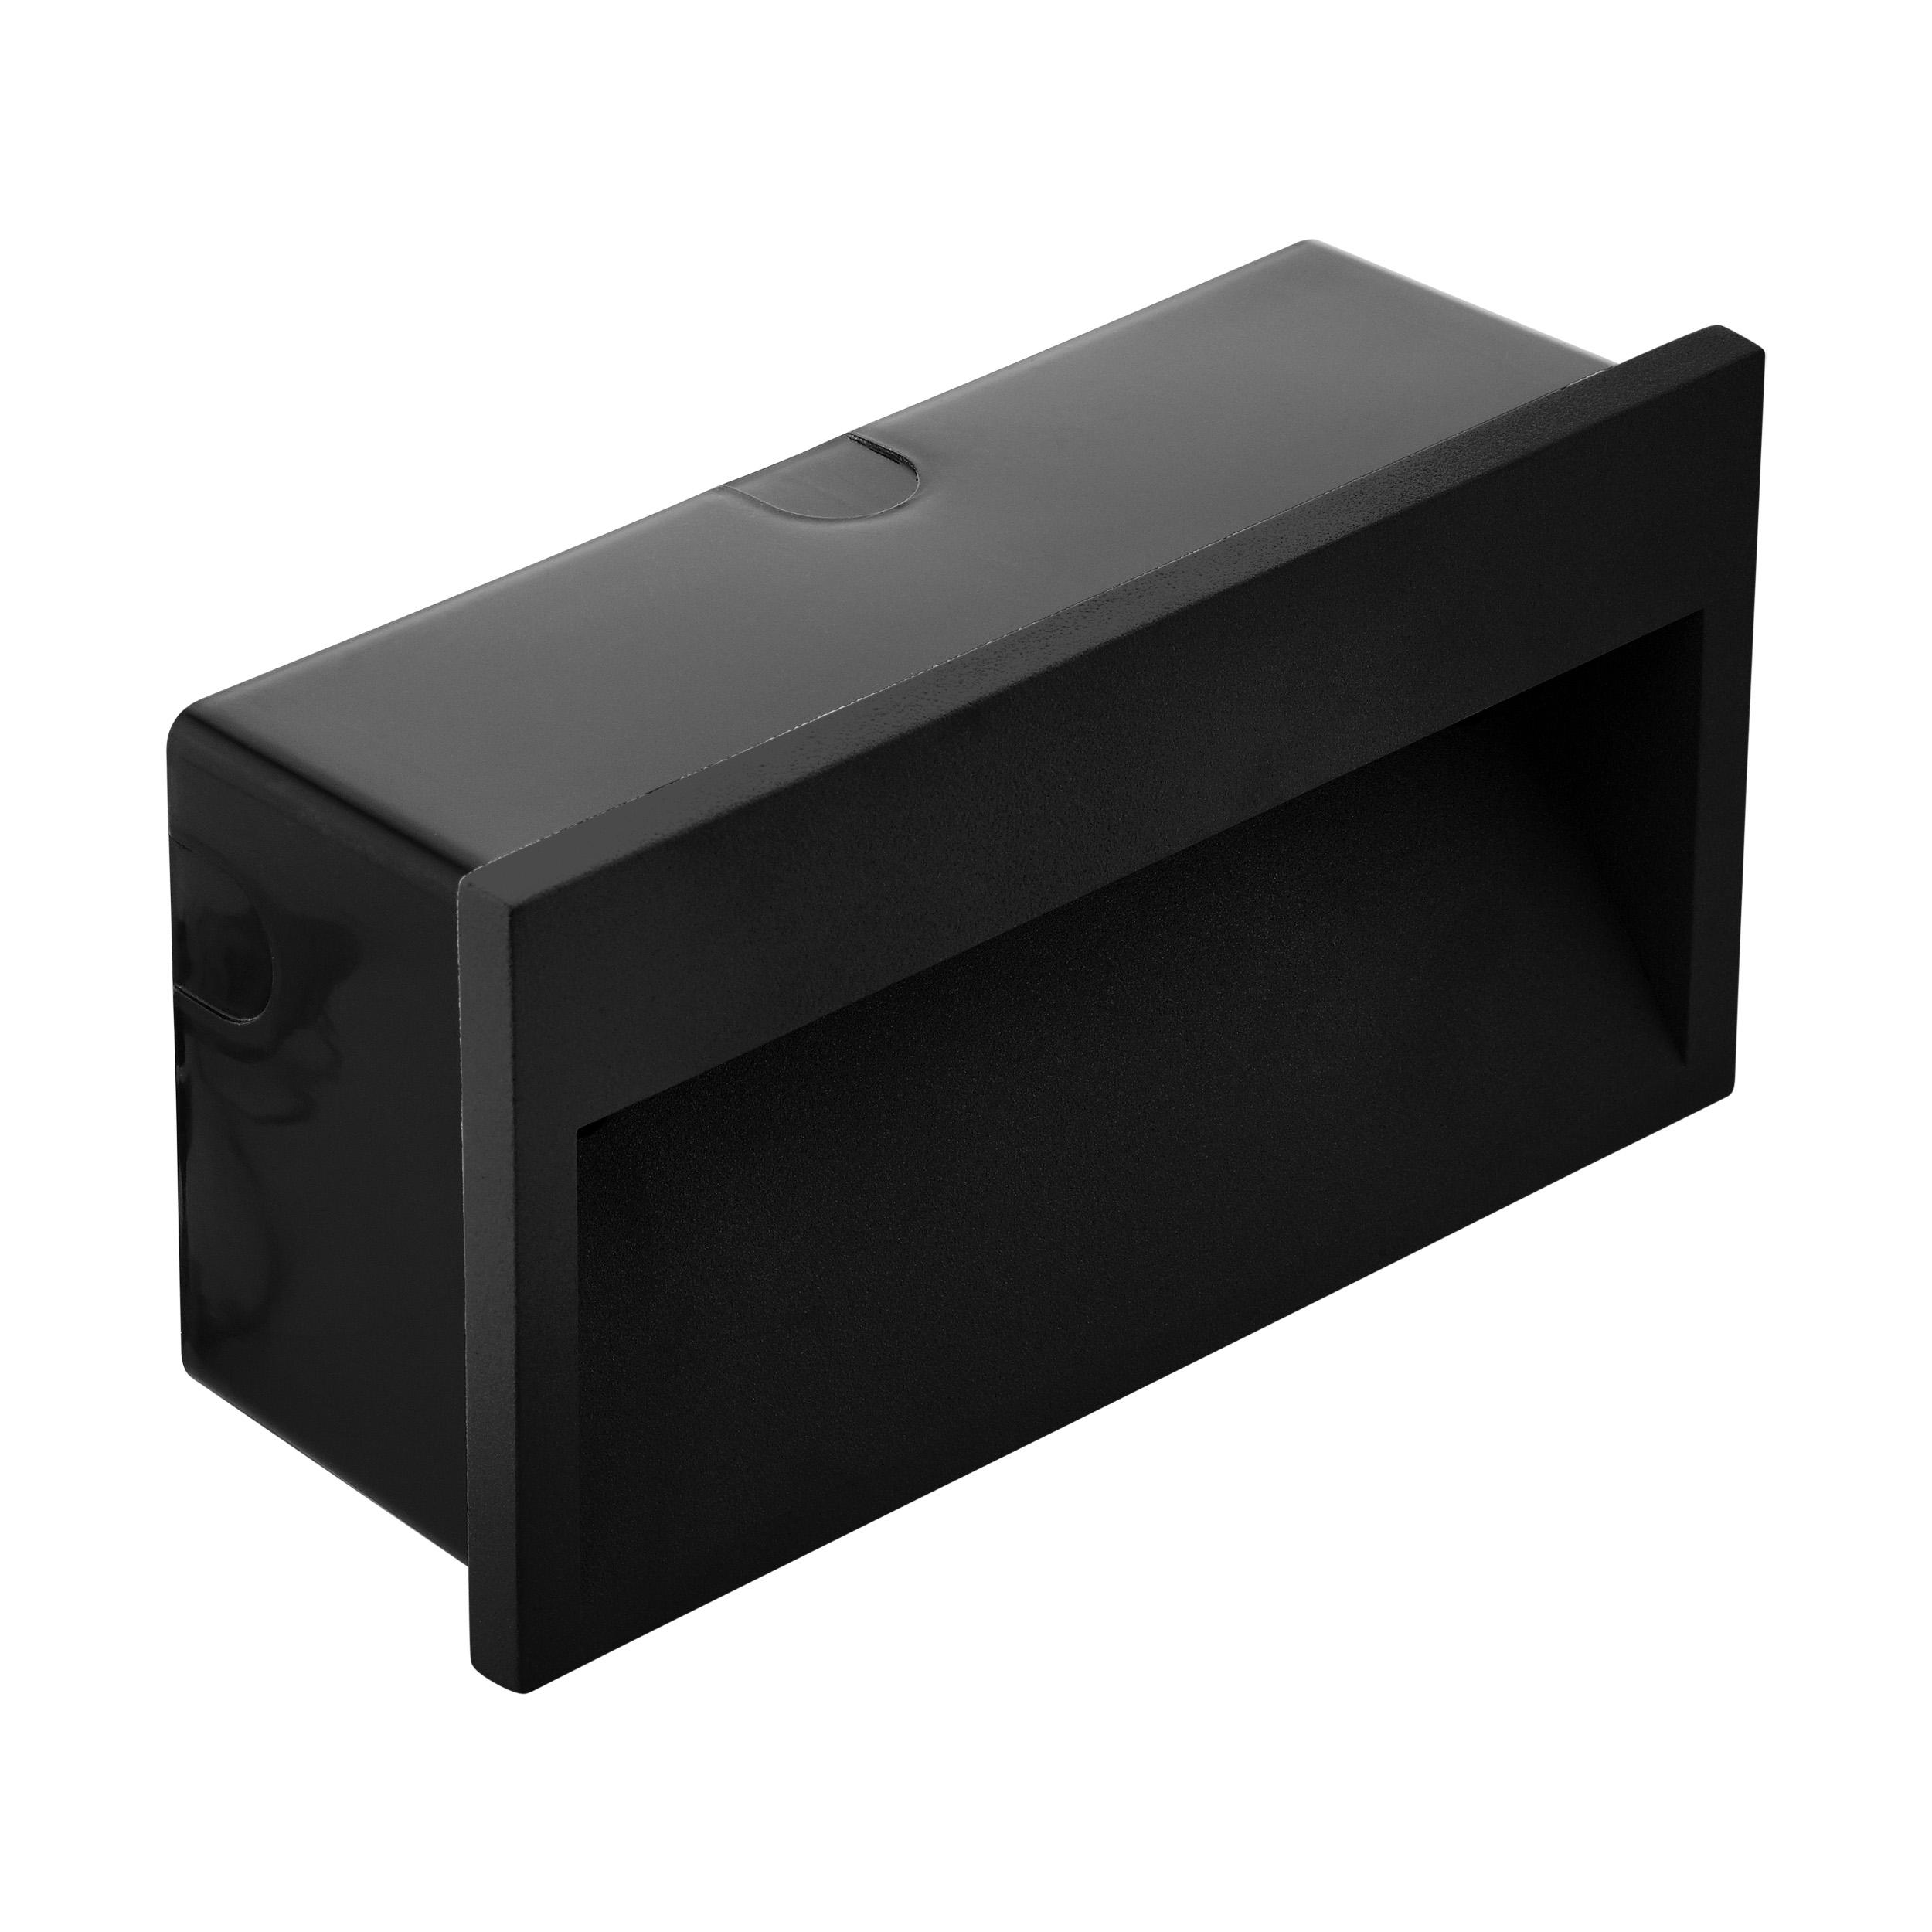 1 Stk Zimba Pro 10W 3000K anthrazit IP54 LI66261---